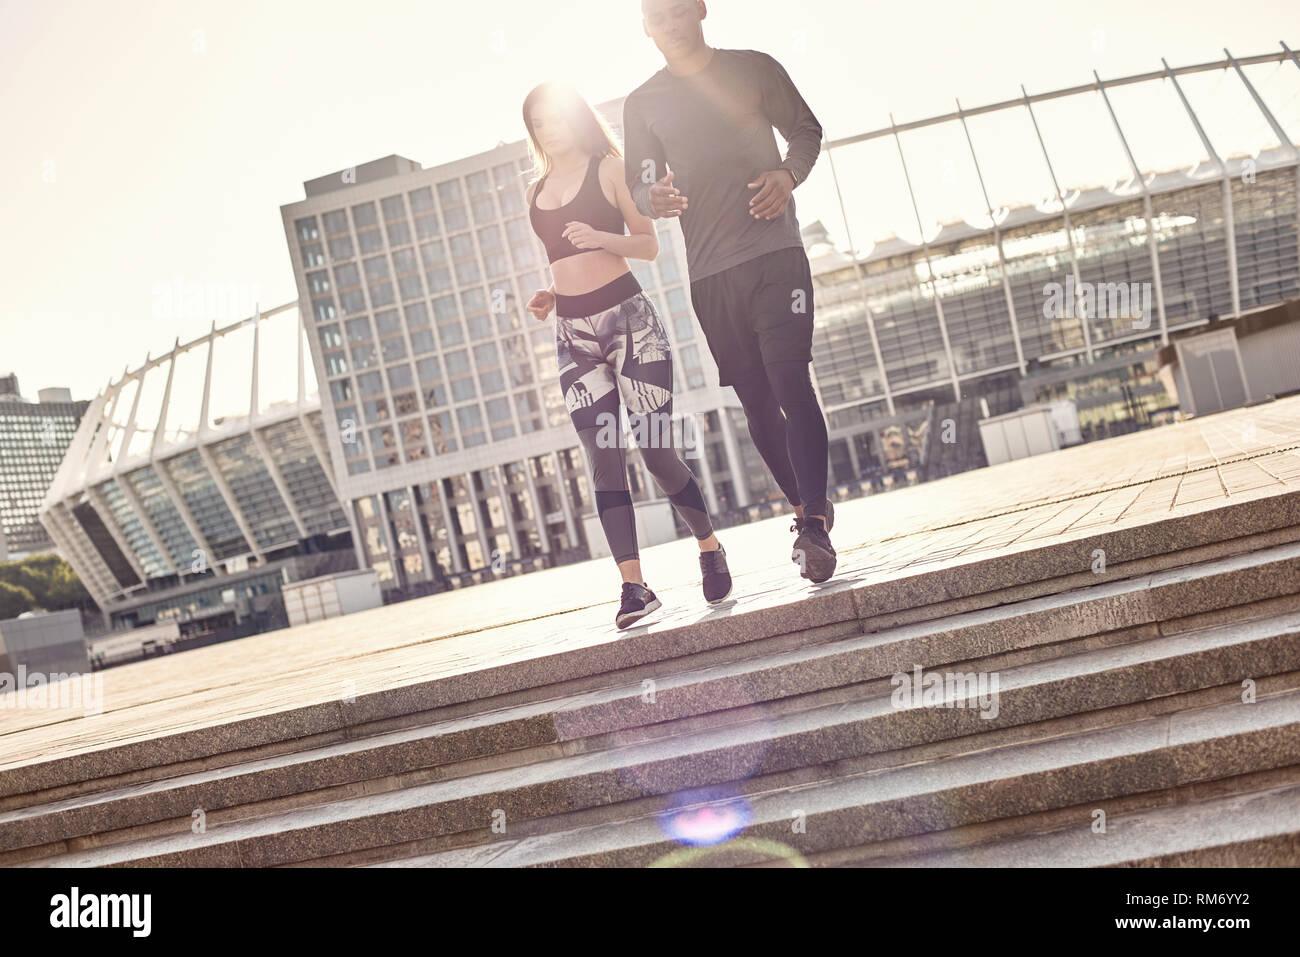 0a0e6698ab0bf9 Volle Länge Portrait von sportlich-junge interracial Paare in Sportkleidung  liefen die Treppe in der städtischen Umwelt. Gemeinsame Hobbys. Gesunde  Paare.